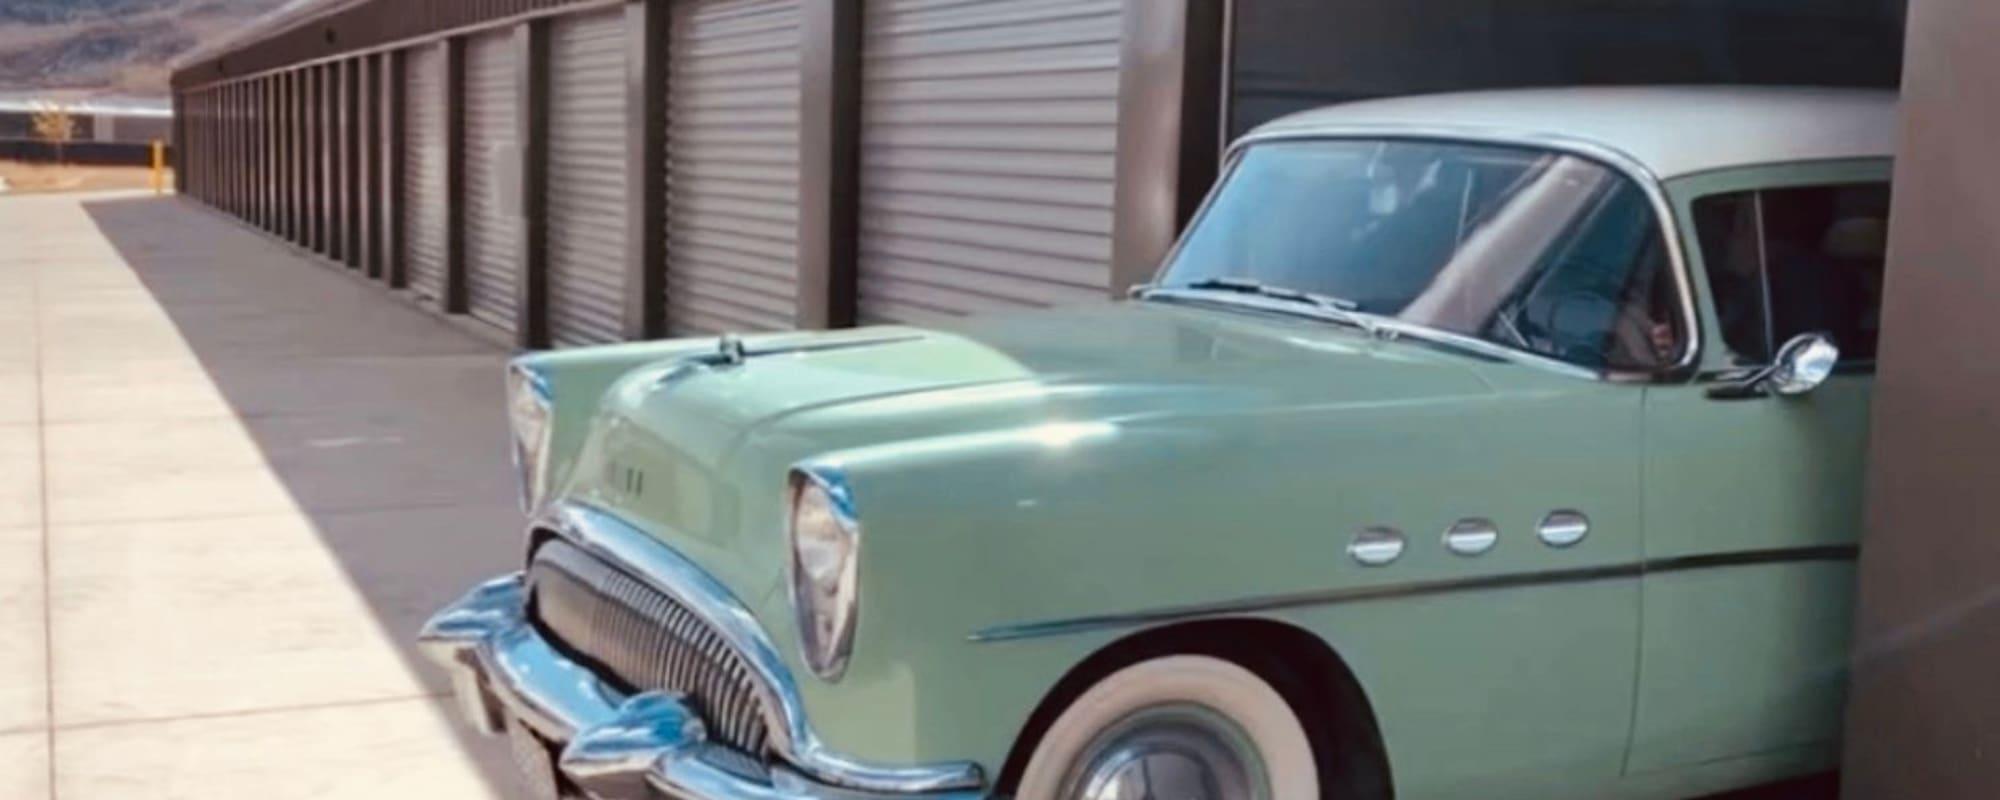 Car Storage Clifton Park NY